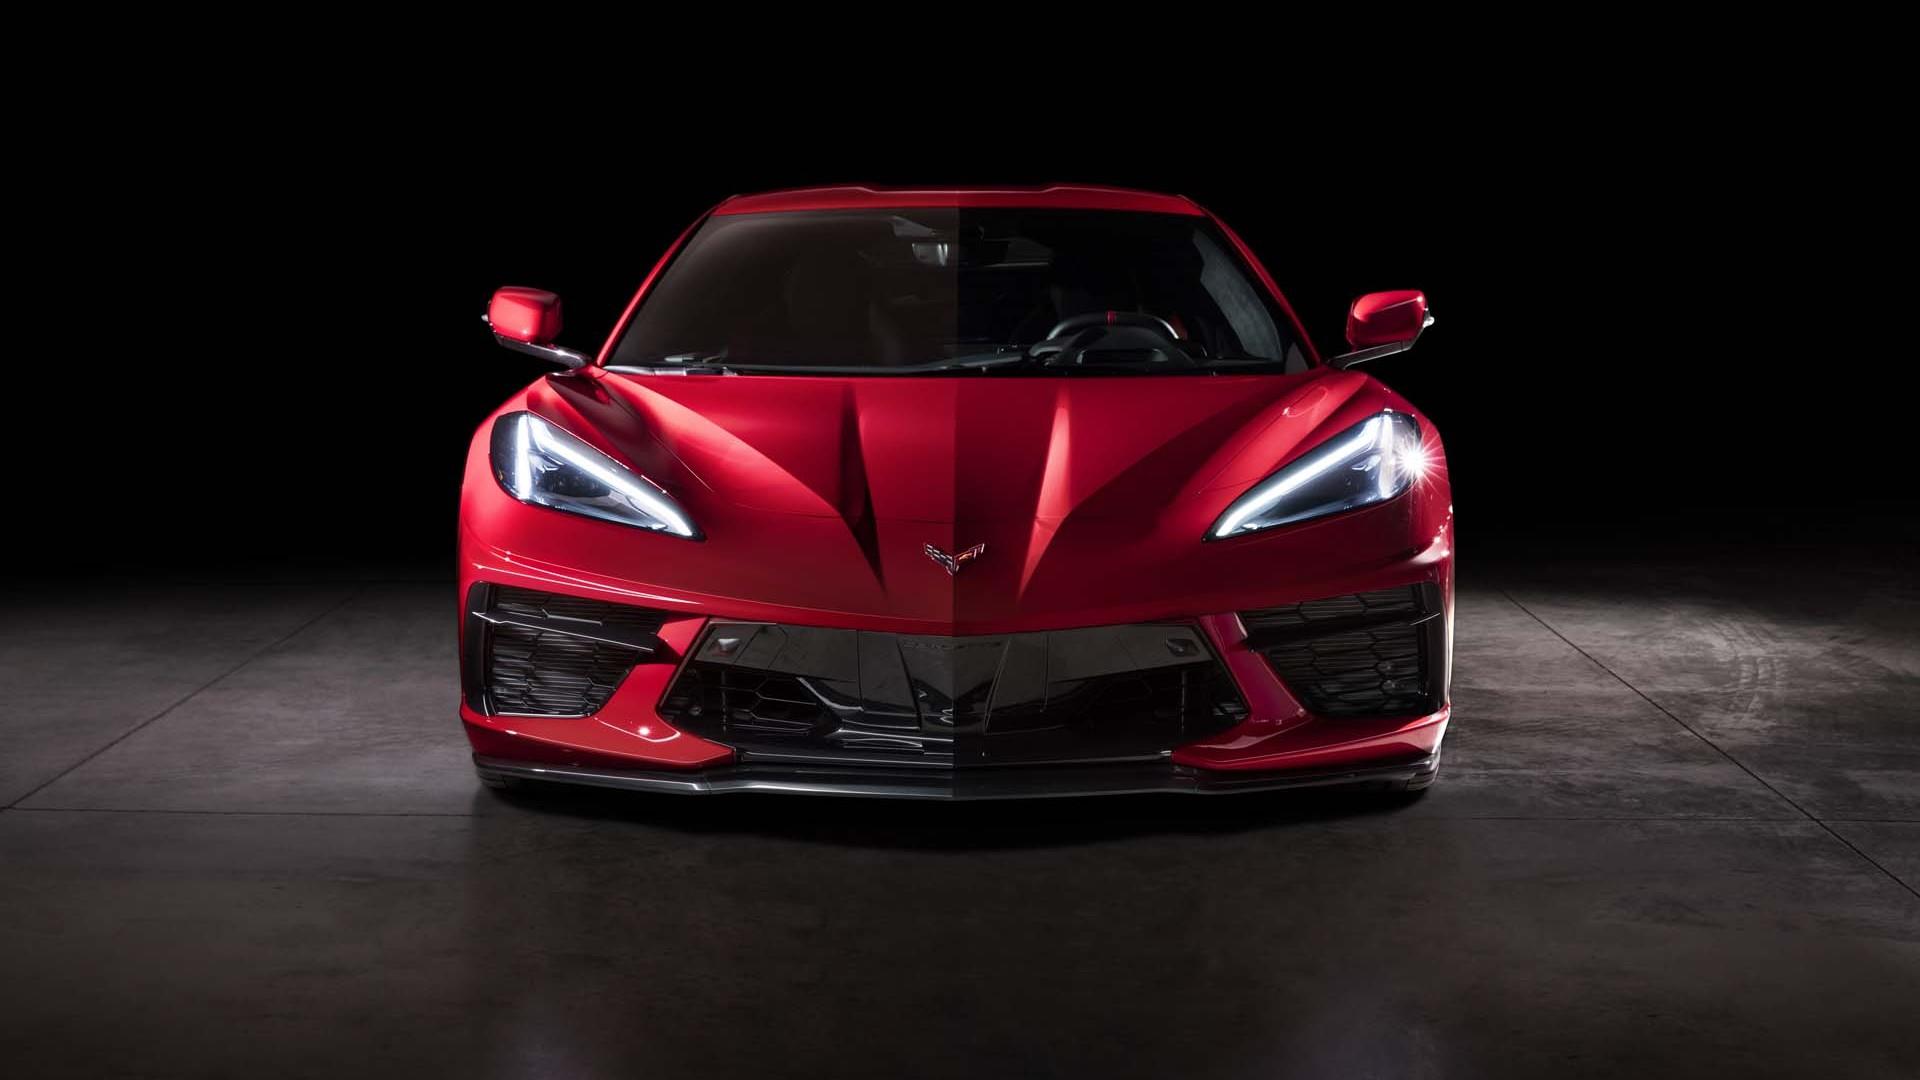 Más potencia para los próximos Corvette Z06 y ZR1, ¡impresionante!